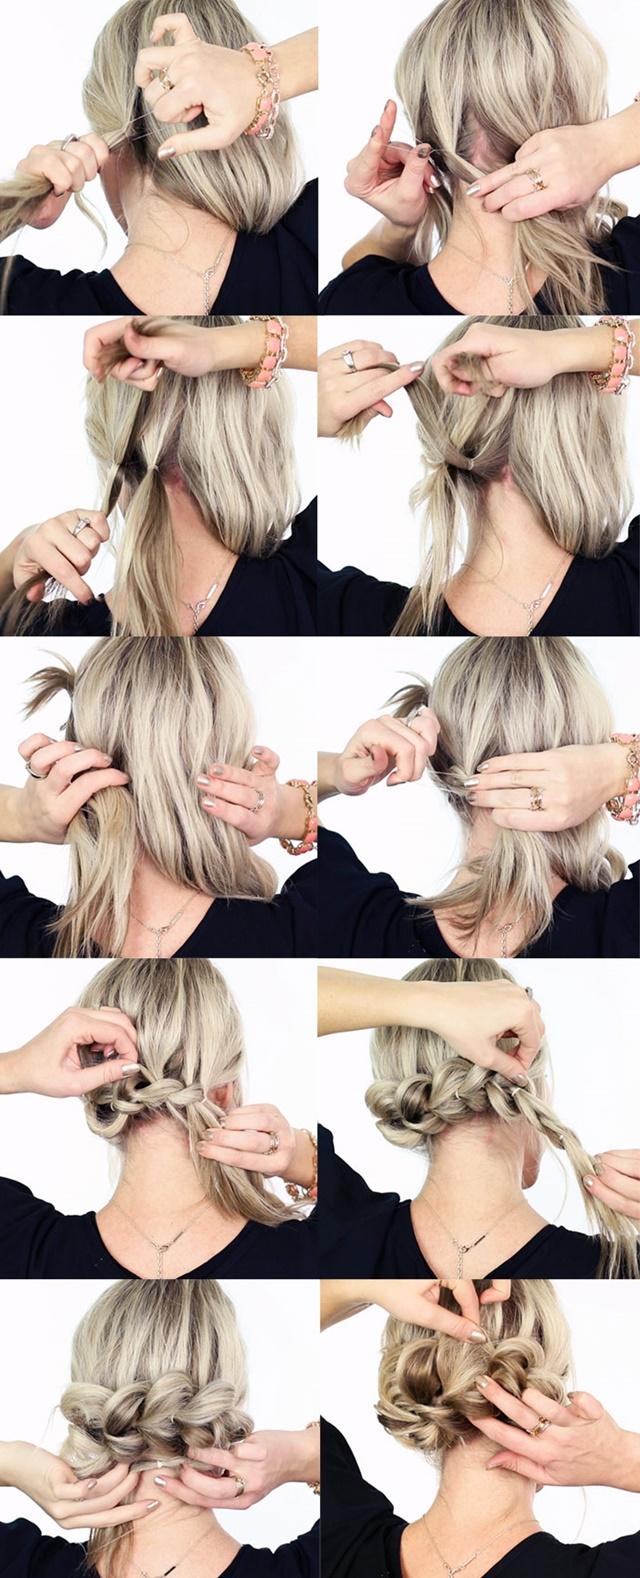 kak da si napravim pricheska s vdignata kosa